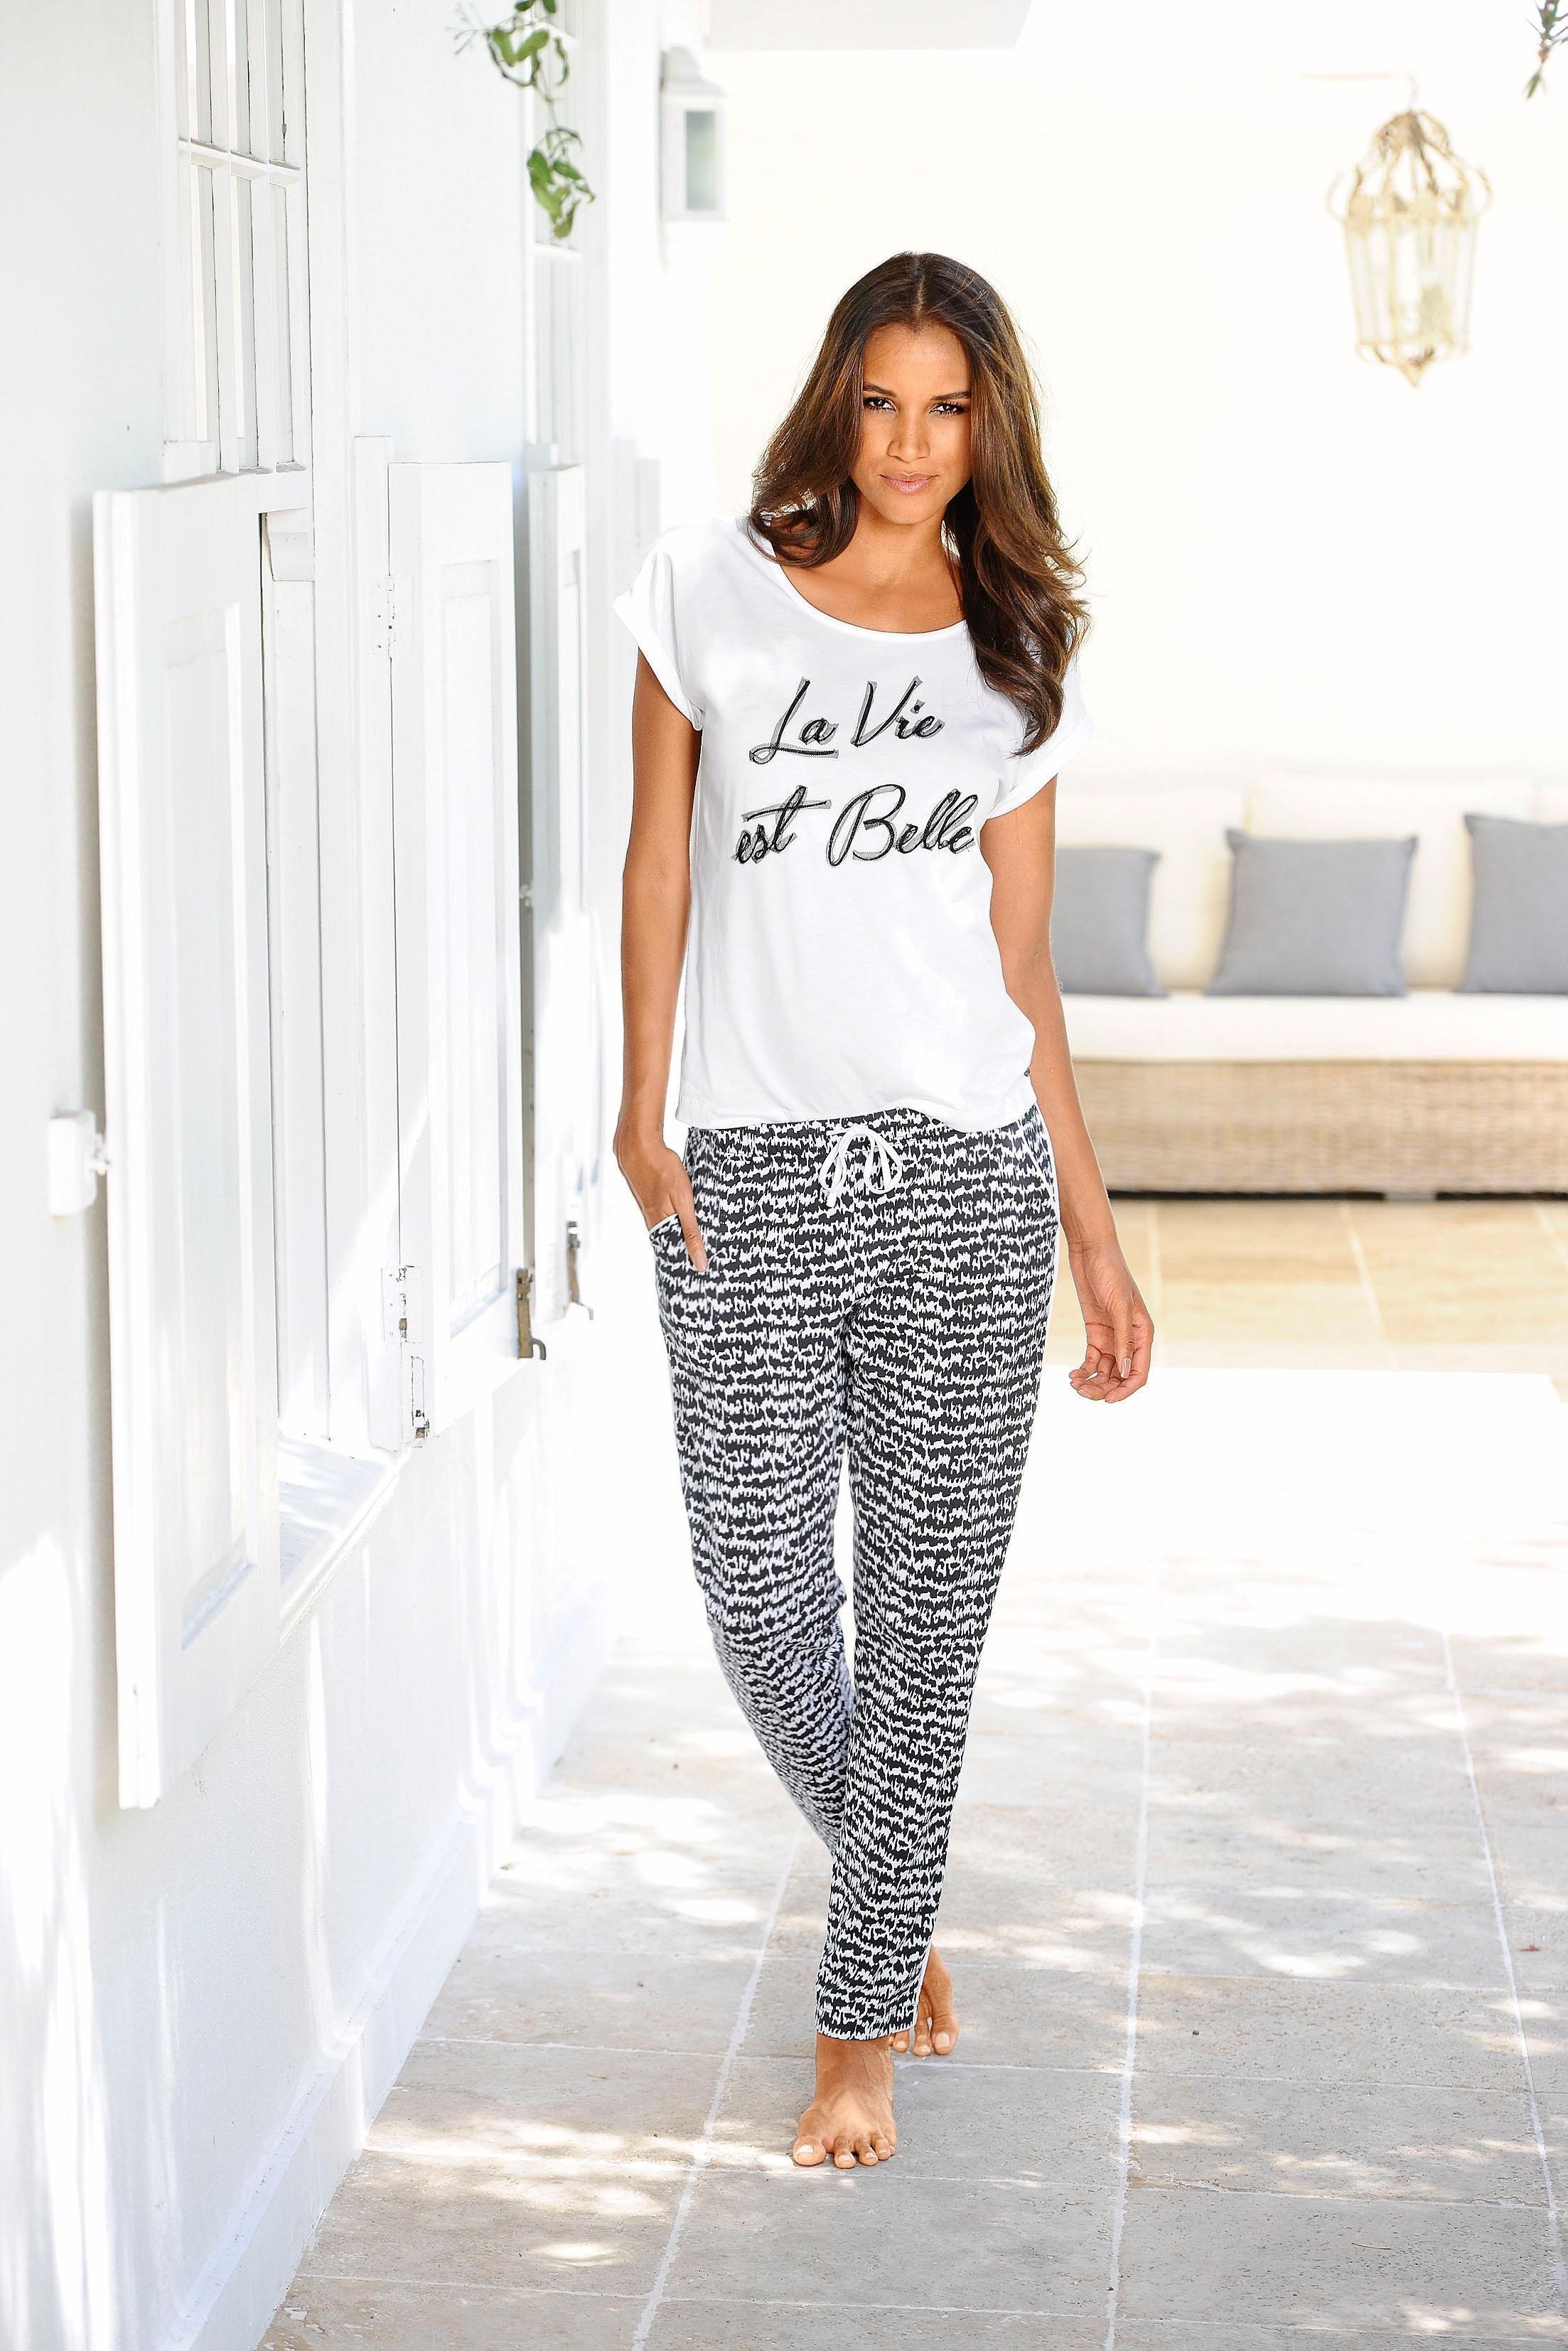 s.Oliver RED LABEL S.OLIVER pyjama met zwart/wit-dessin »La Vie est Belle« online kopen op lascana.nl